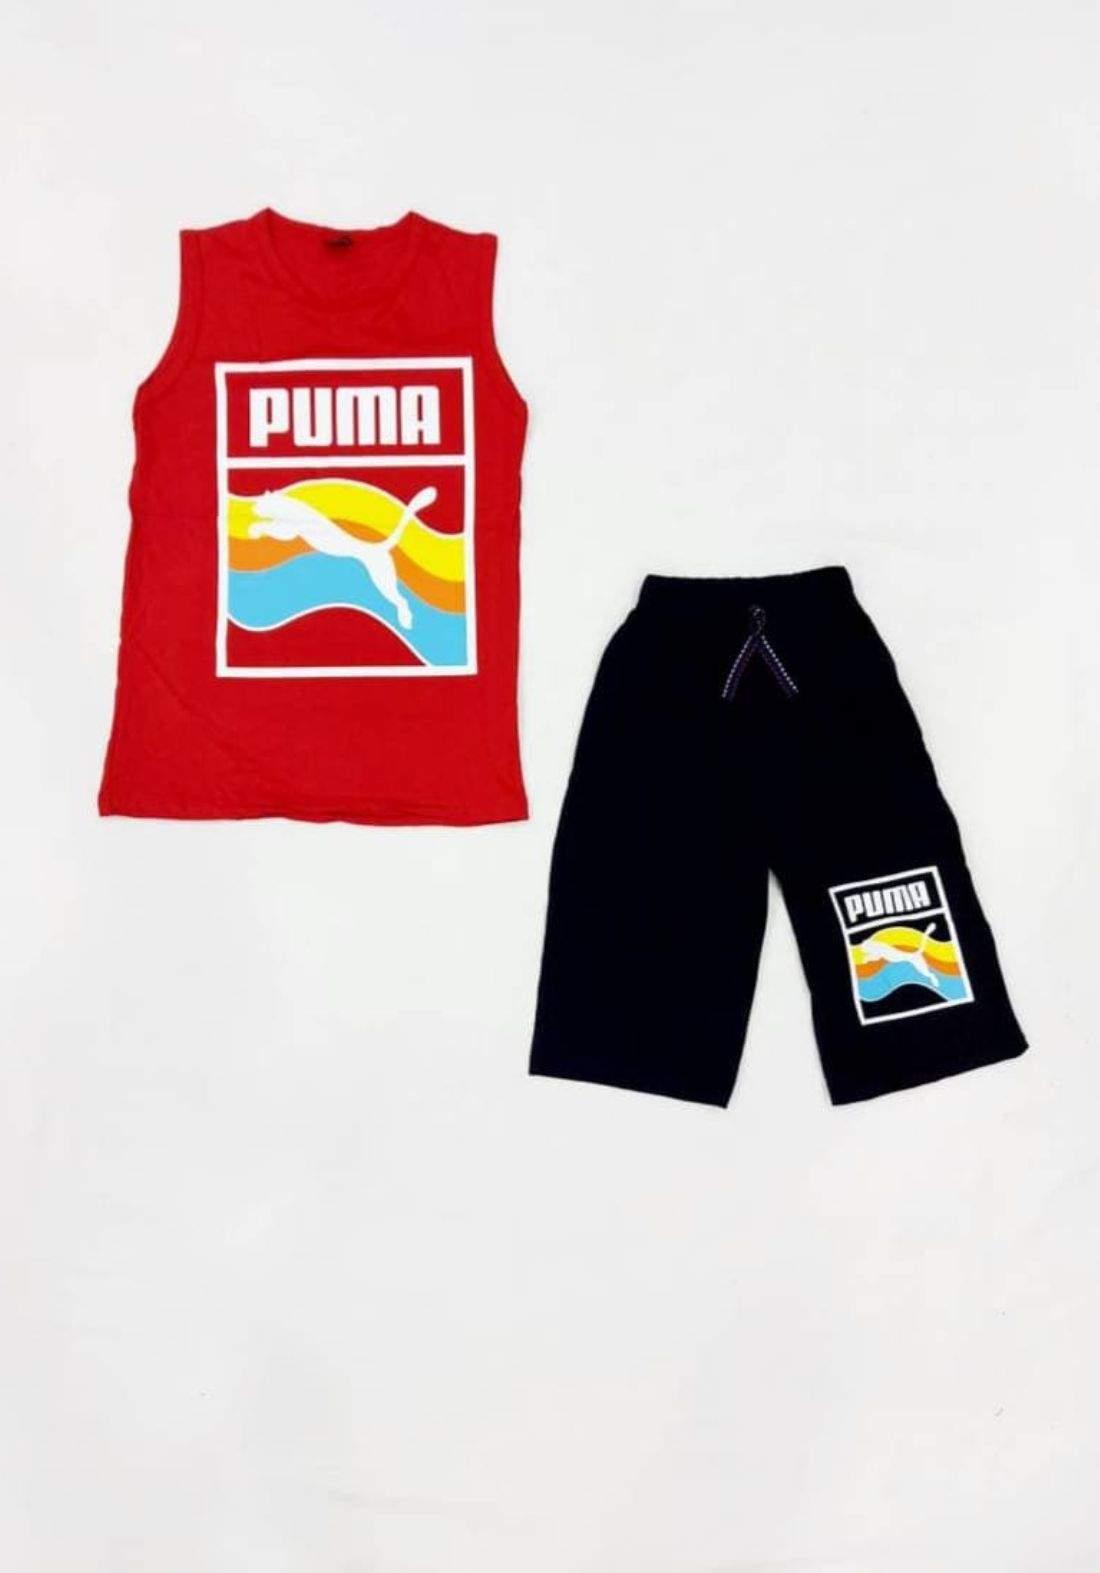 tracksuit for boys red (t-shirt +short) ( تراكسوت ولادي احمر  (برموده وكيمونه